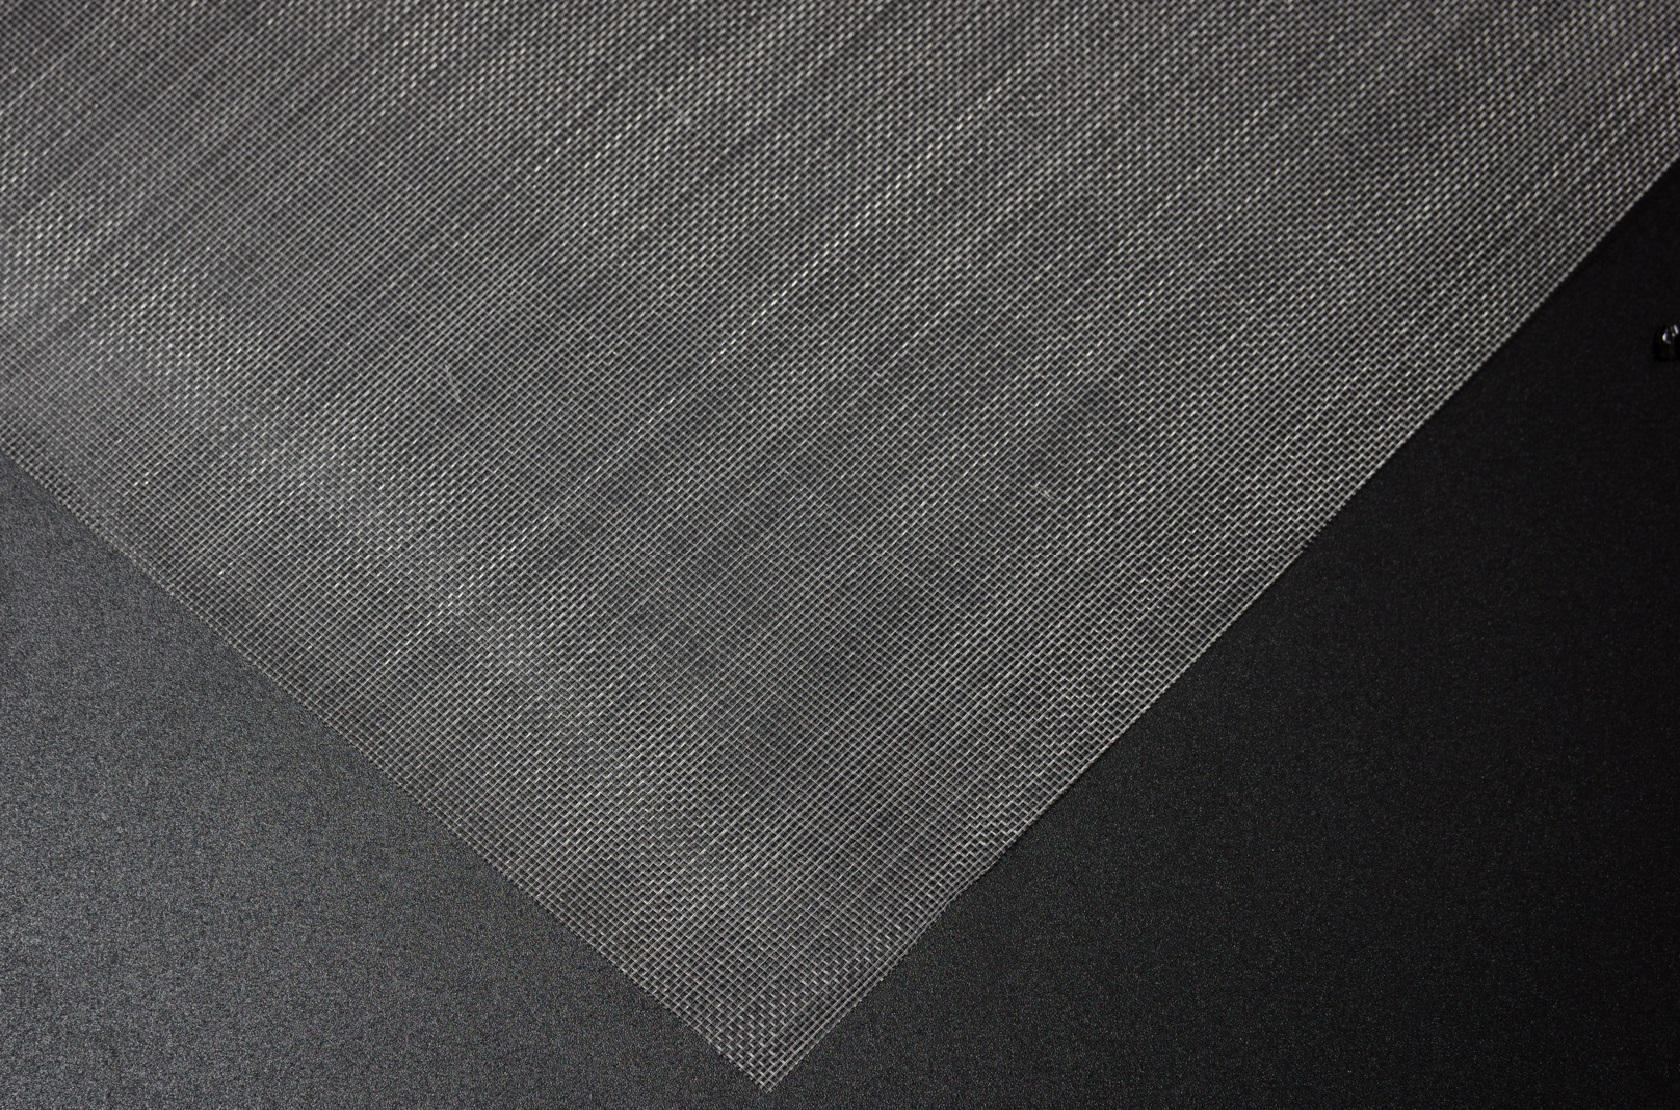 Lưới chắn côn trùng hiệu Goldbell 32mesh dạng tấm khổ 2mx5m